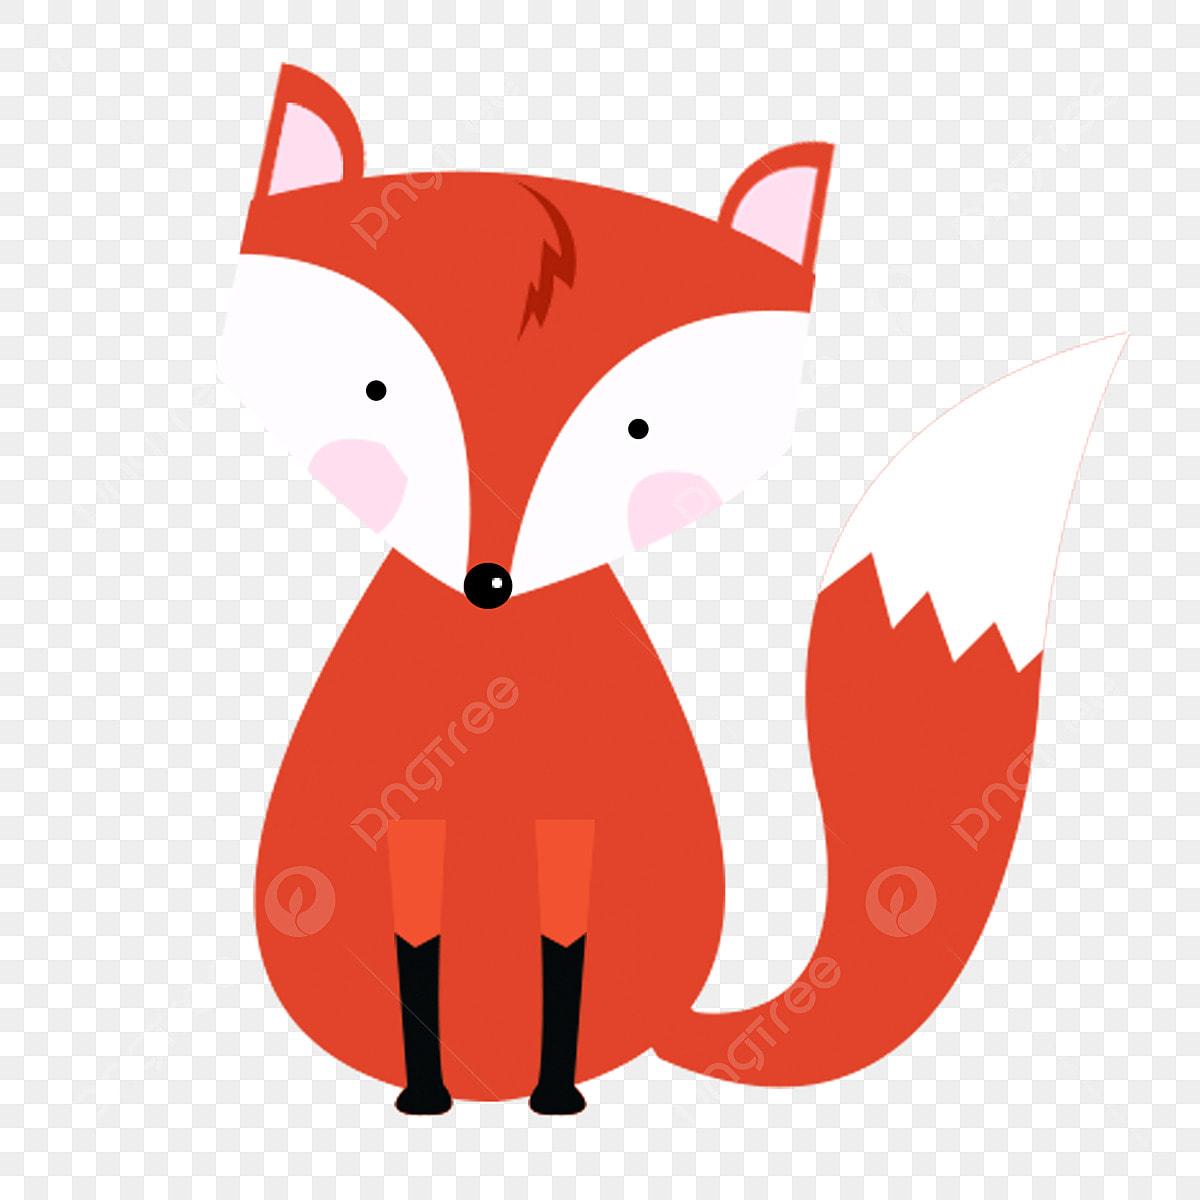 Renard Renard Roux Animal De Dessin Anime Histoire Sournoise Clipart De Renard Renard Red Fox Fichier Png Et Psd Pour Le Telechargement Libre